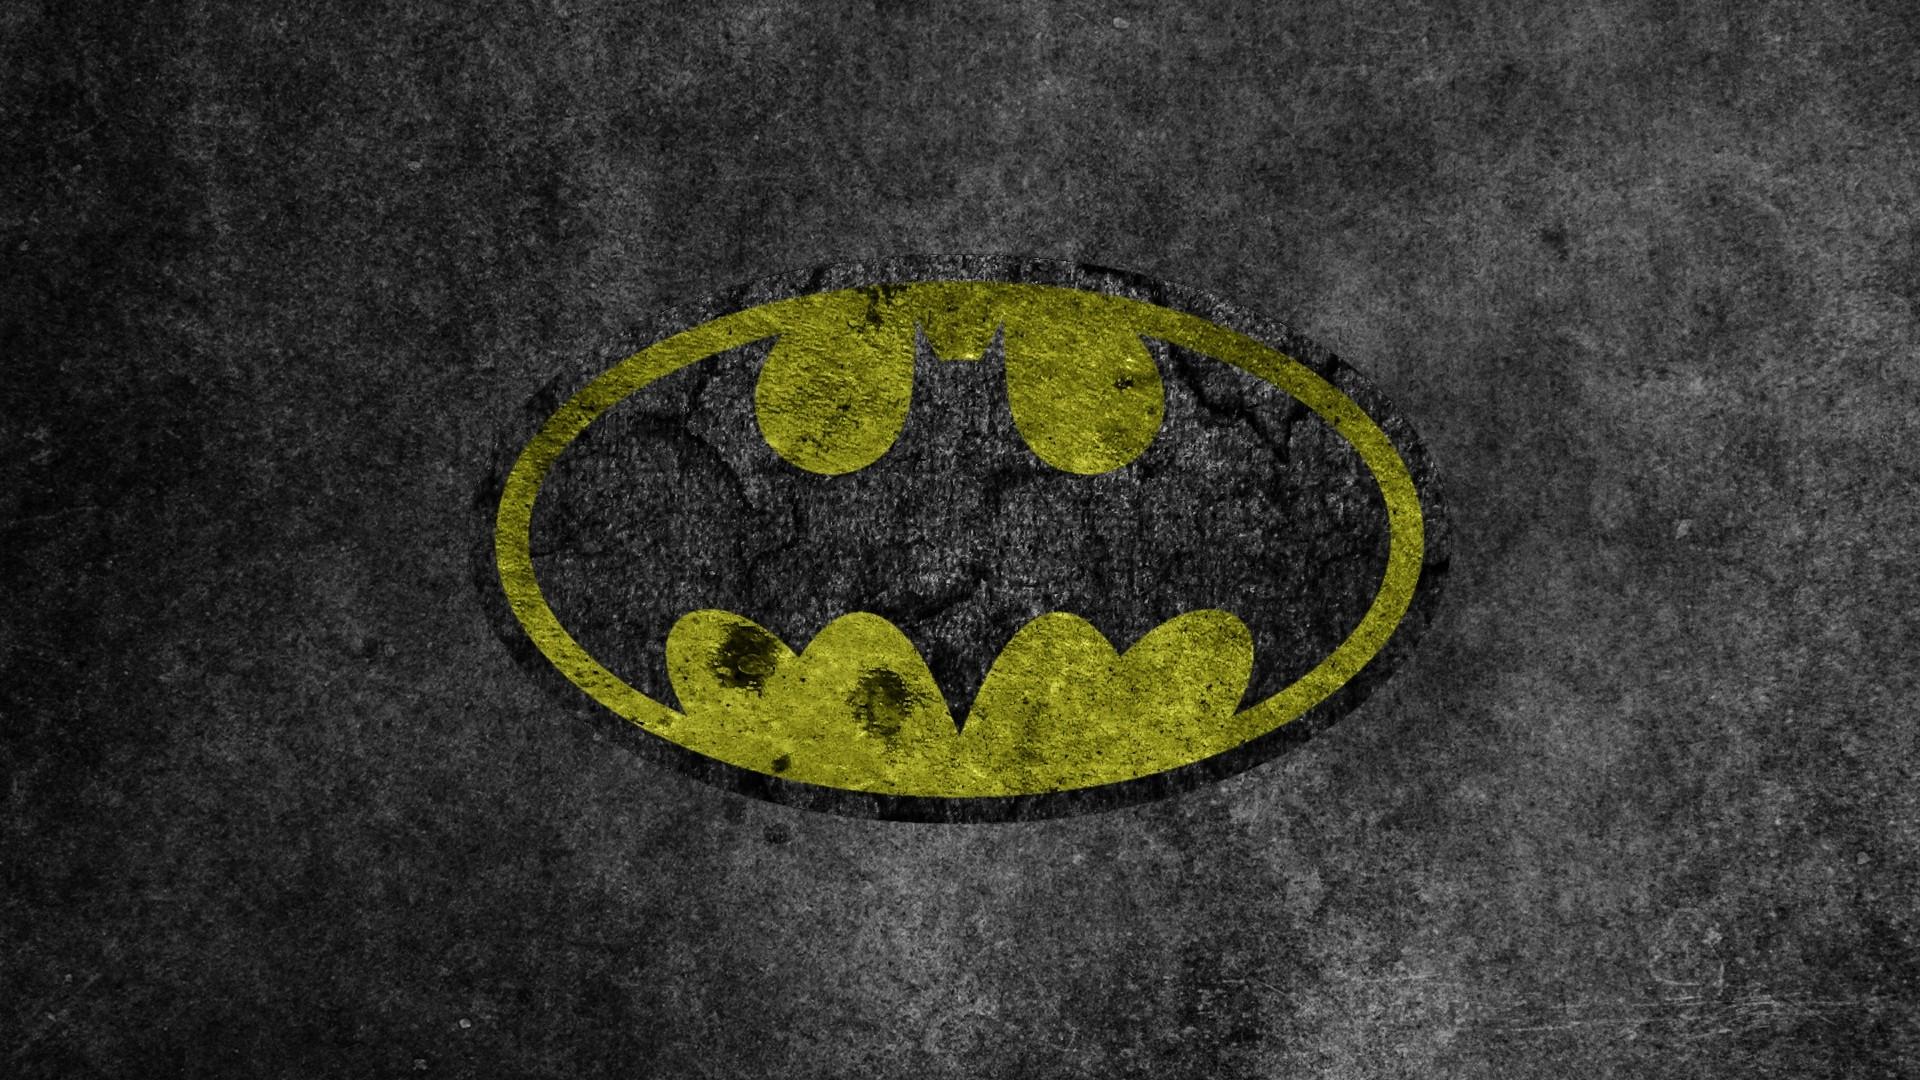 dark knight rises wallpaper hd 1080p